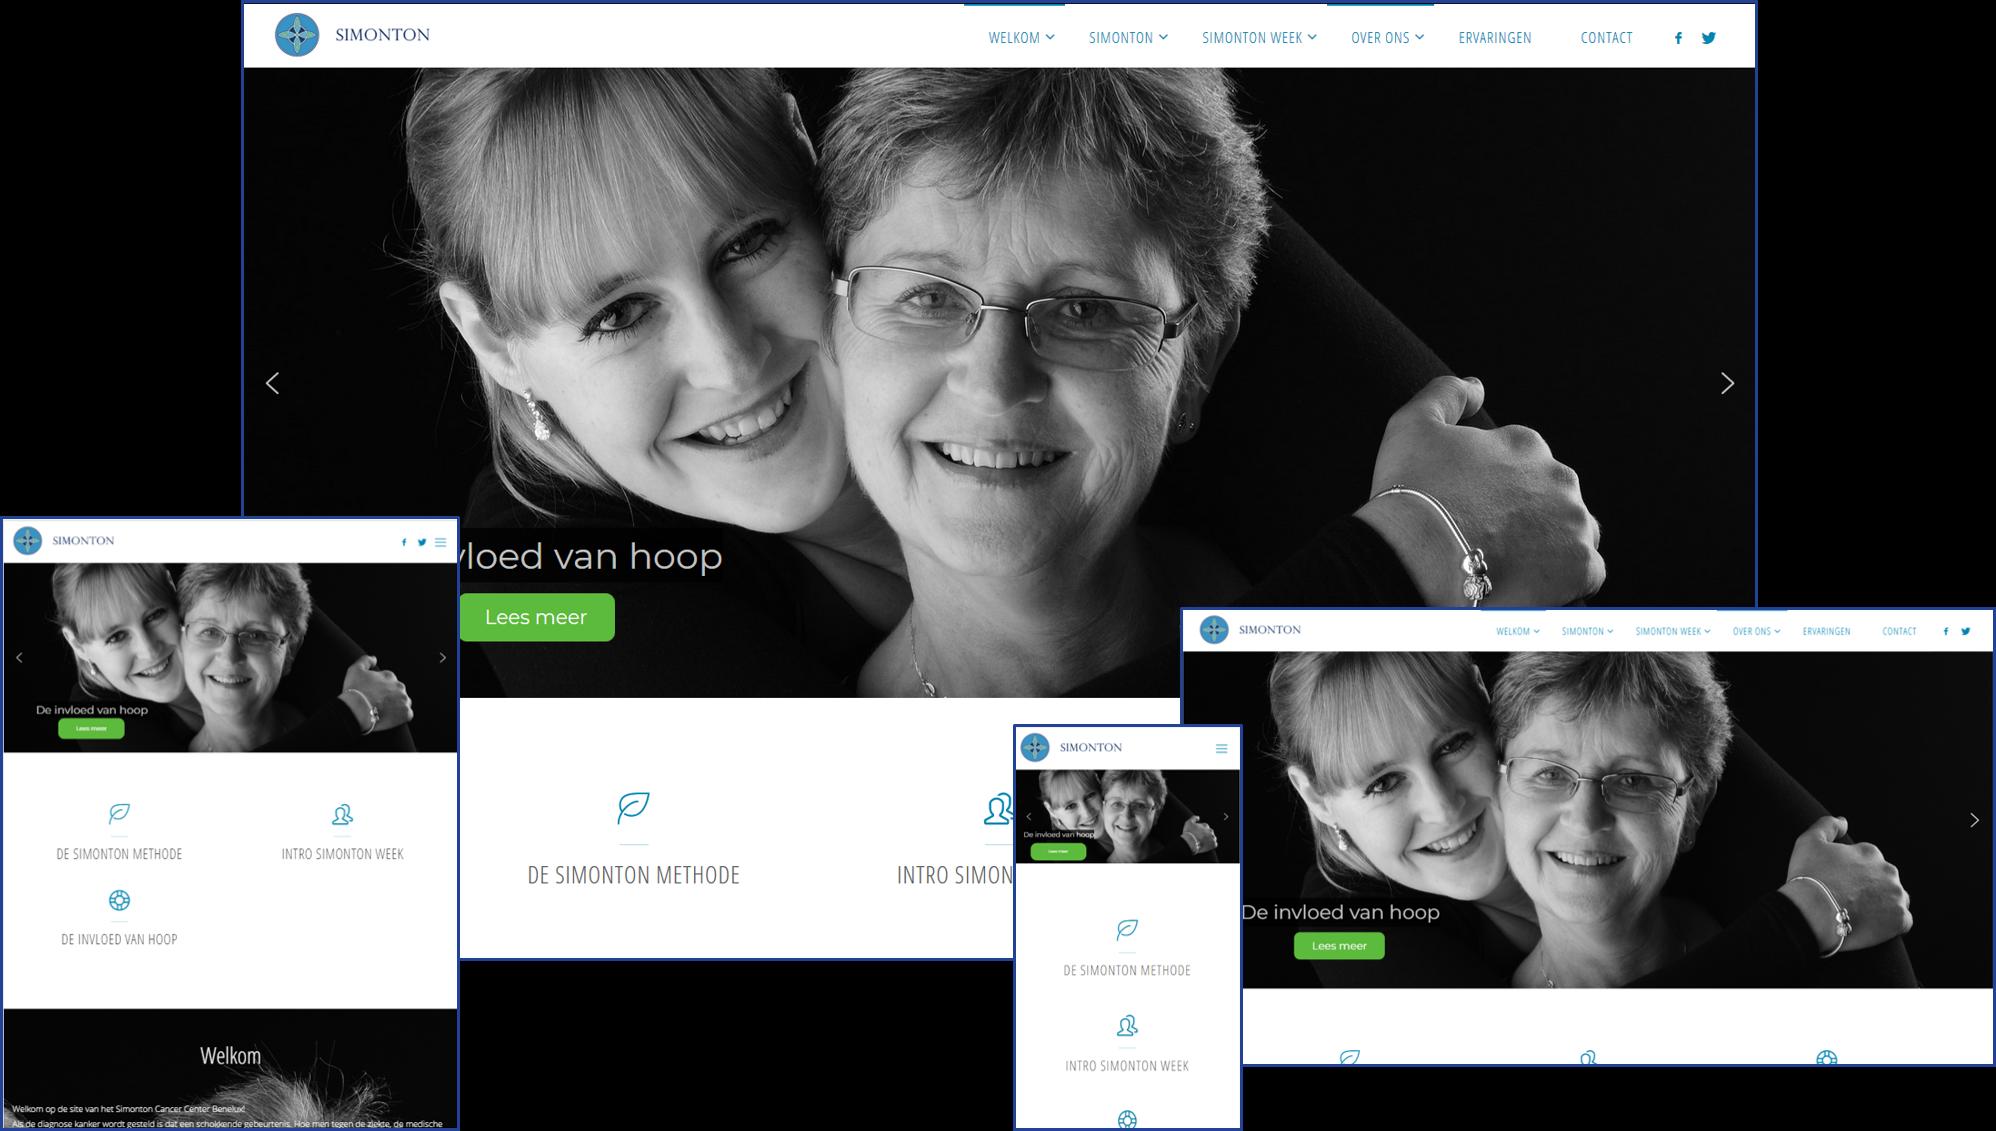 Eerdere website van Simonton Cancer Center NL, ook ontworpen en gebouwd  door YourWebPro